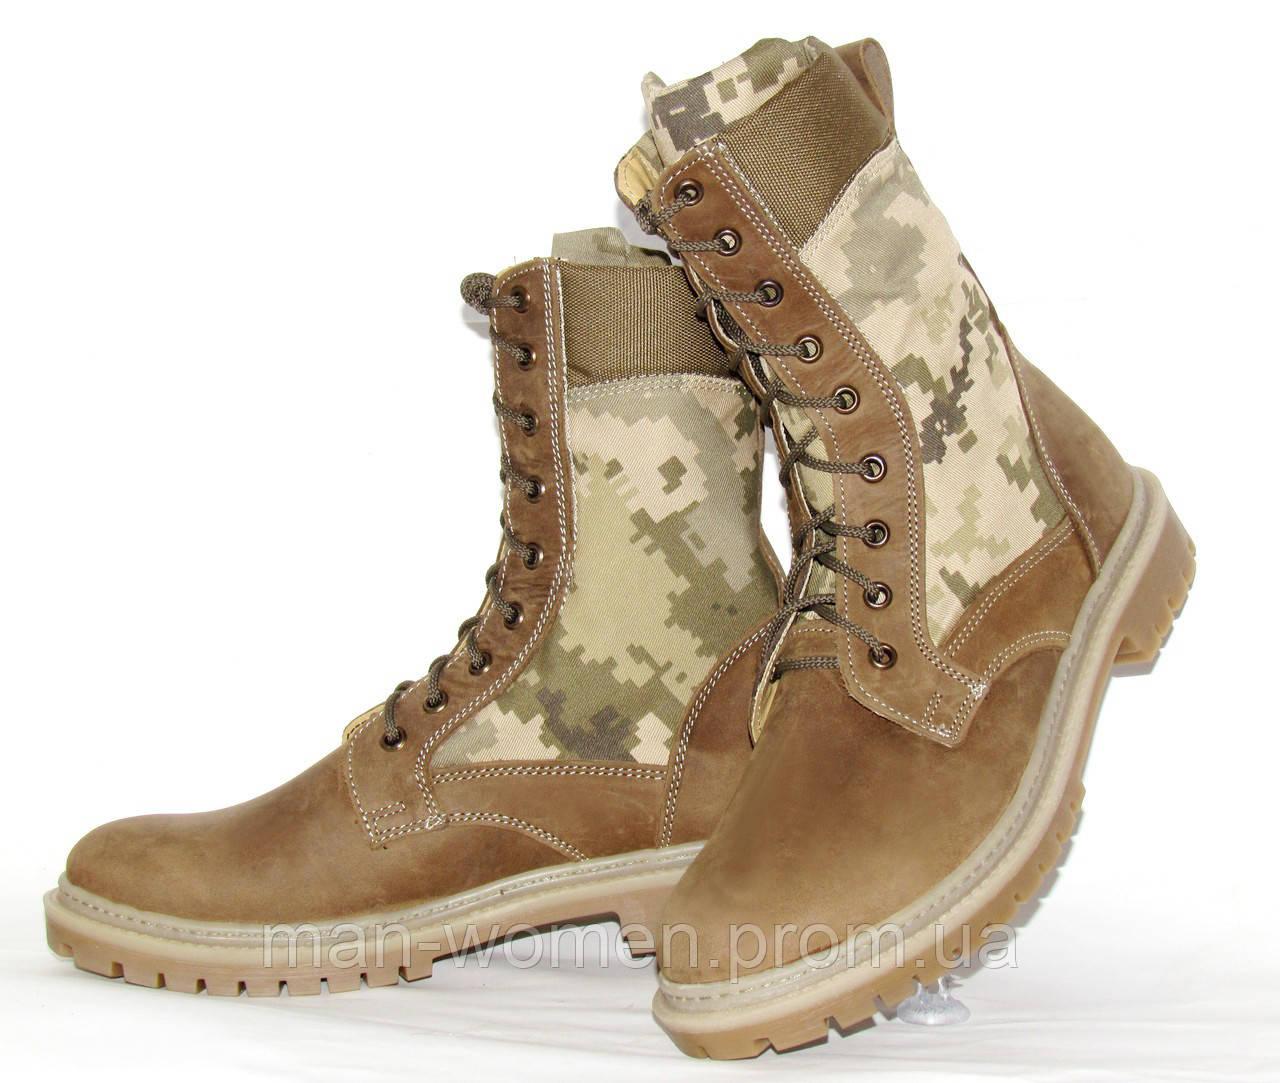 Армейские ботинки, берцы, облегчнный вариант! Размеры 40-45.